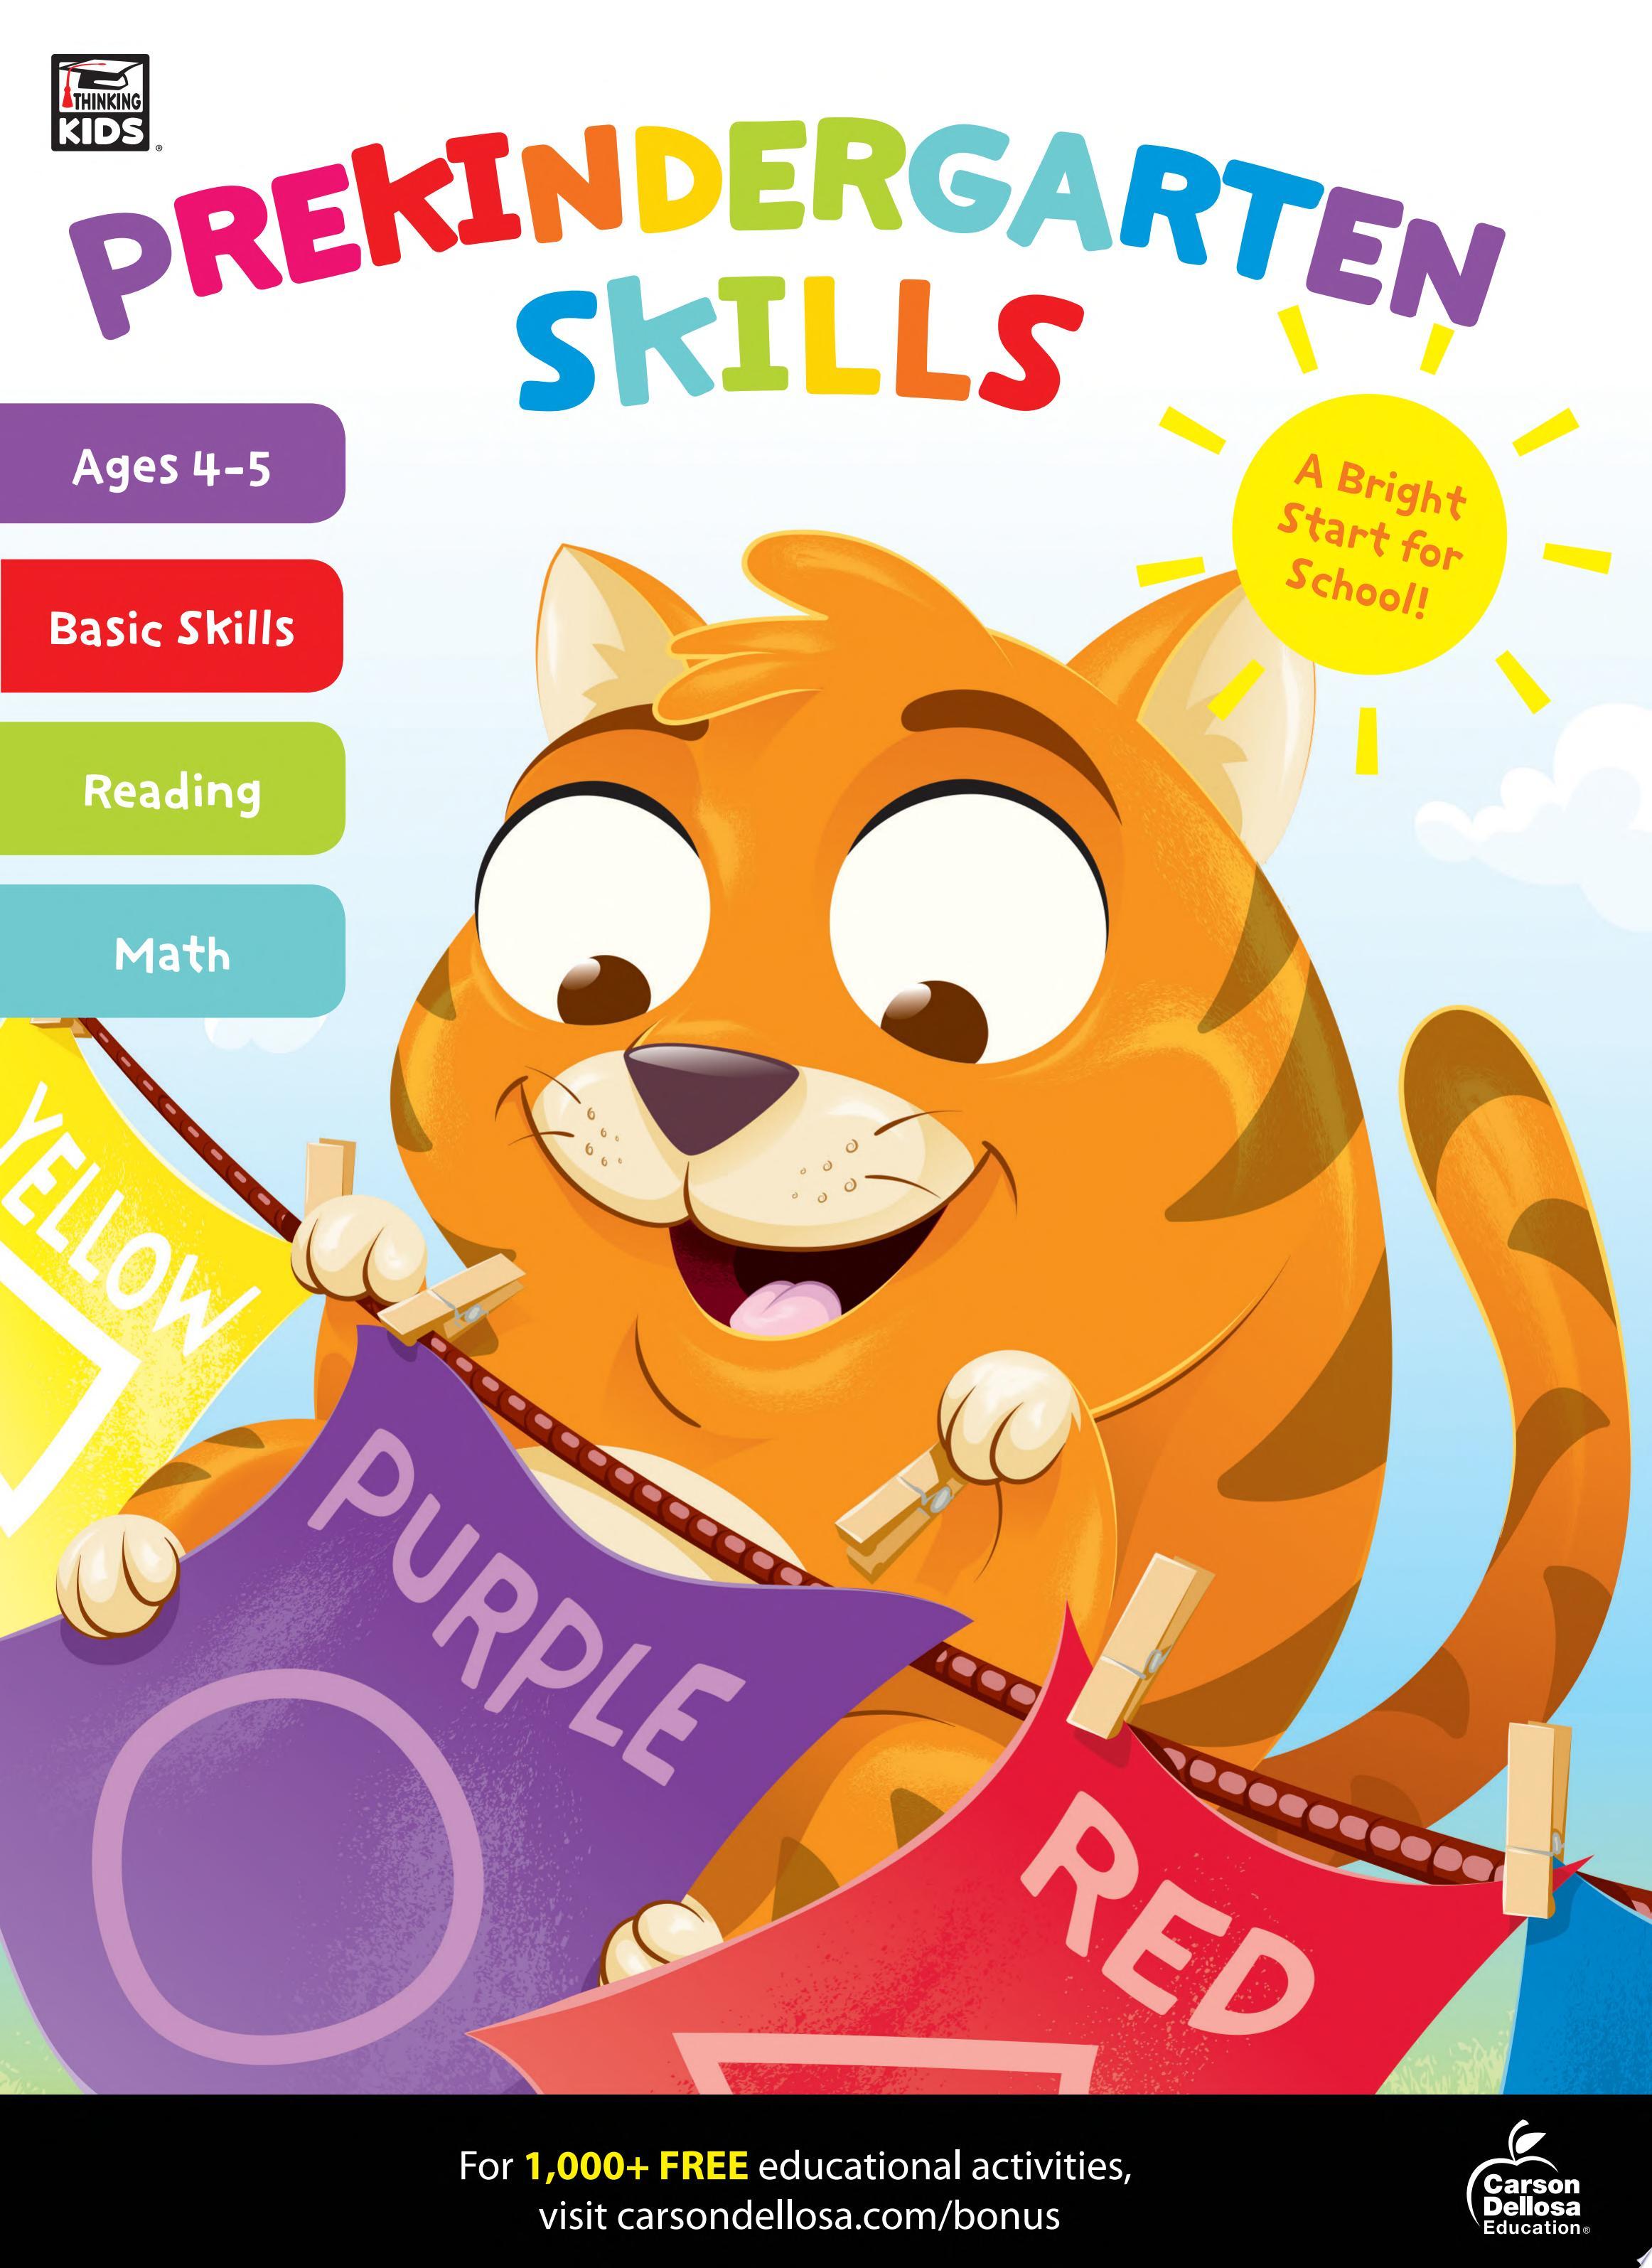 Prekindergarten Skills